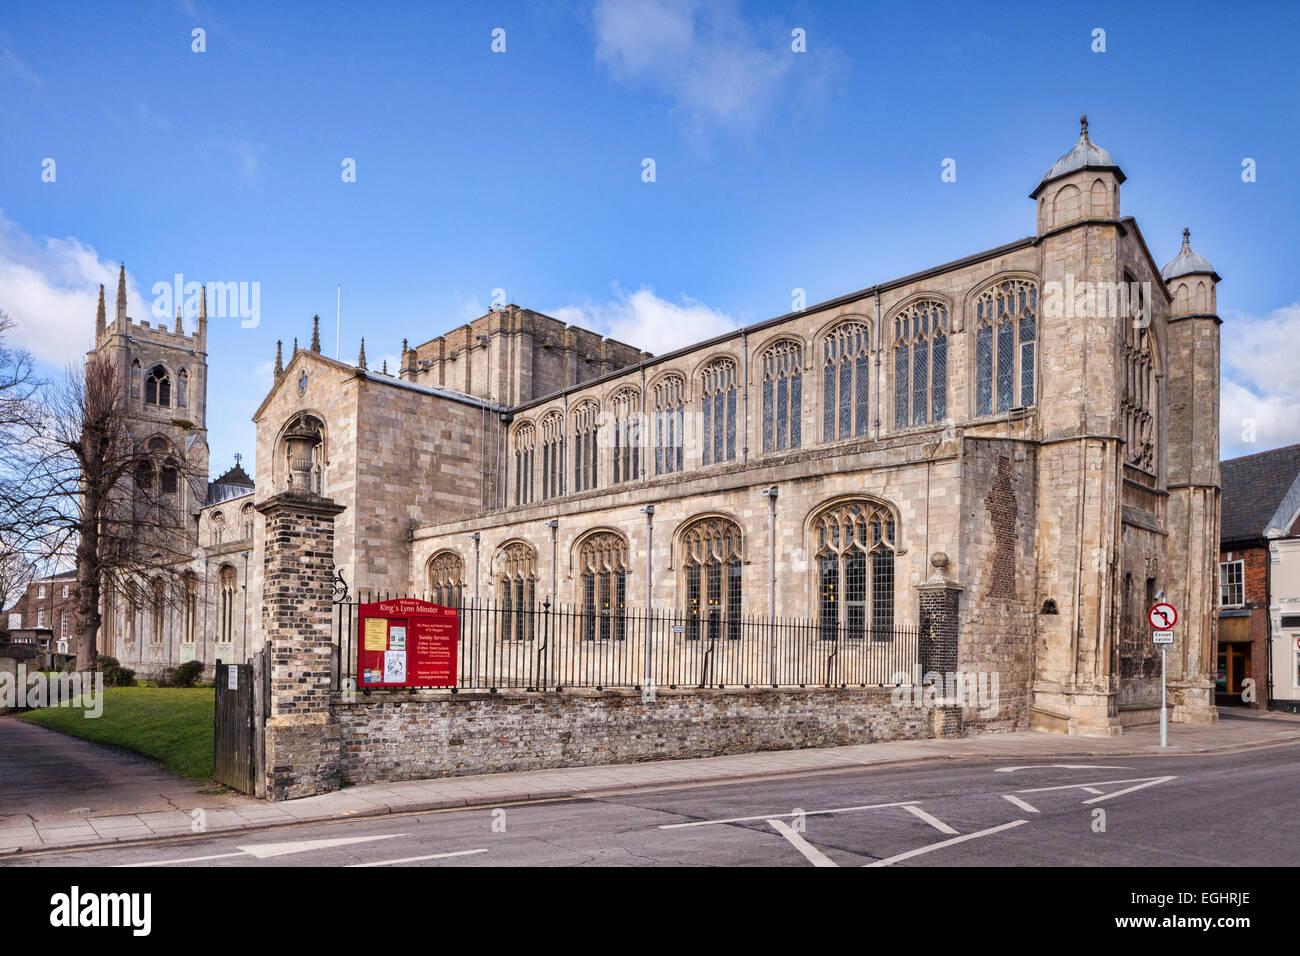 King's Lynn Minster or St Margaret's Church, King's Lynn, Norfolk. - Stock Image